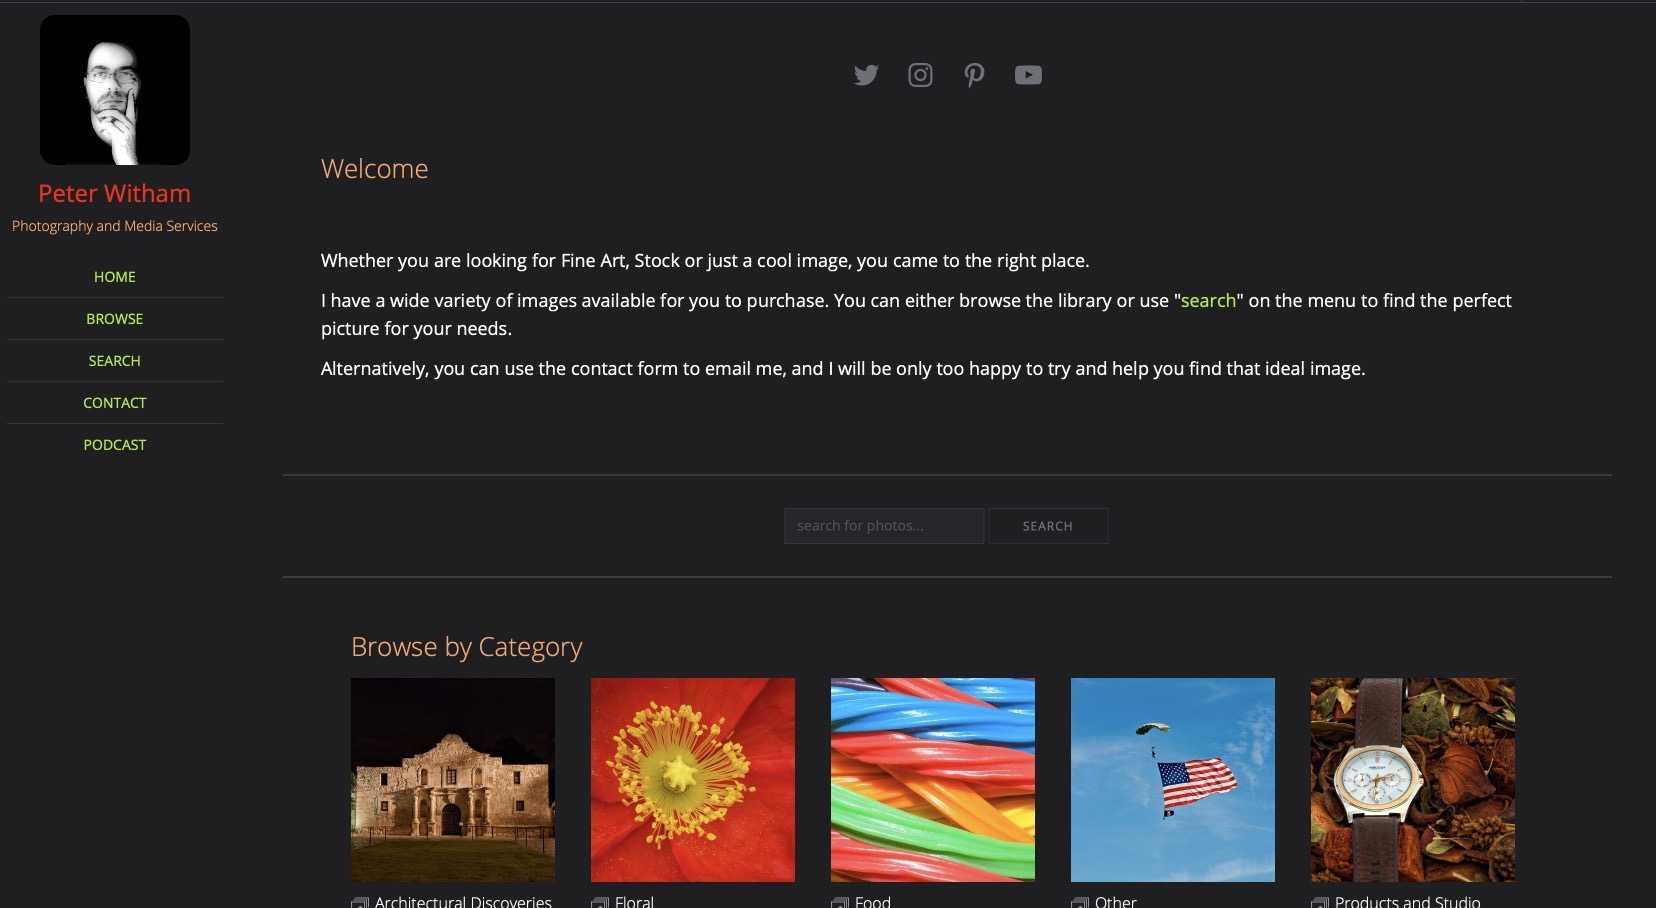 GrfxMedia.com Design